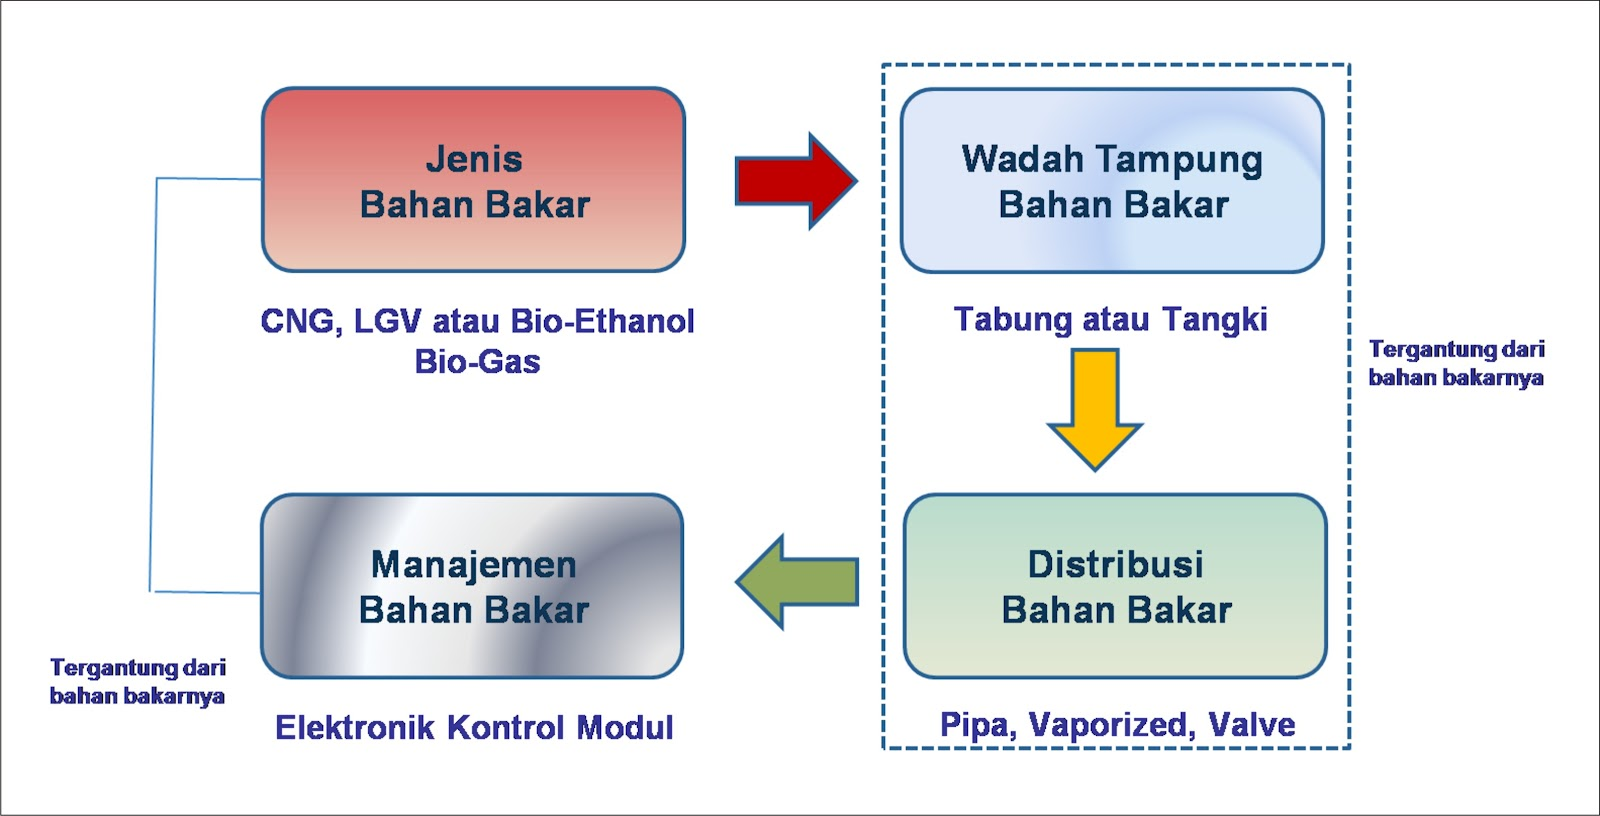 gambar sistem konverter kit bahan bakar alternatif selain bbm